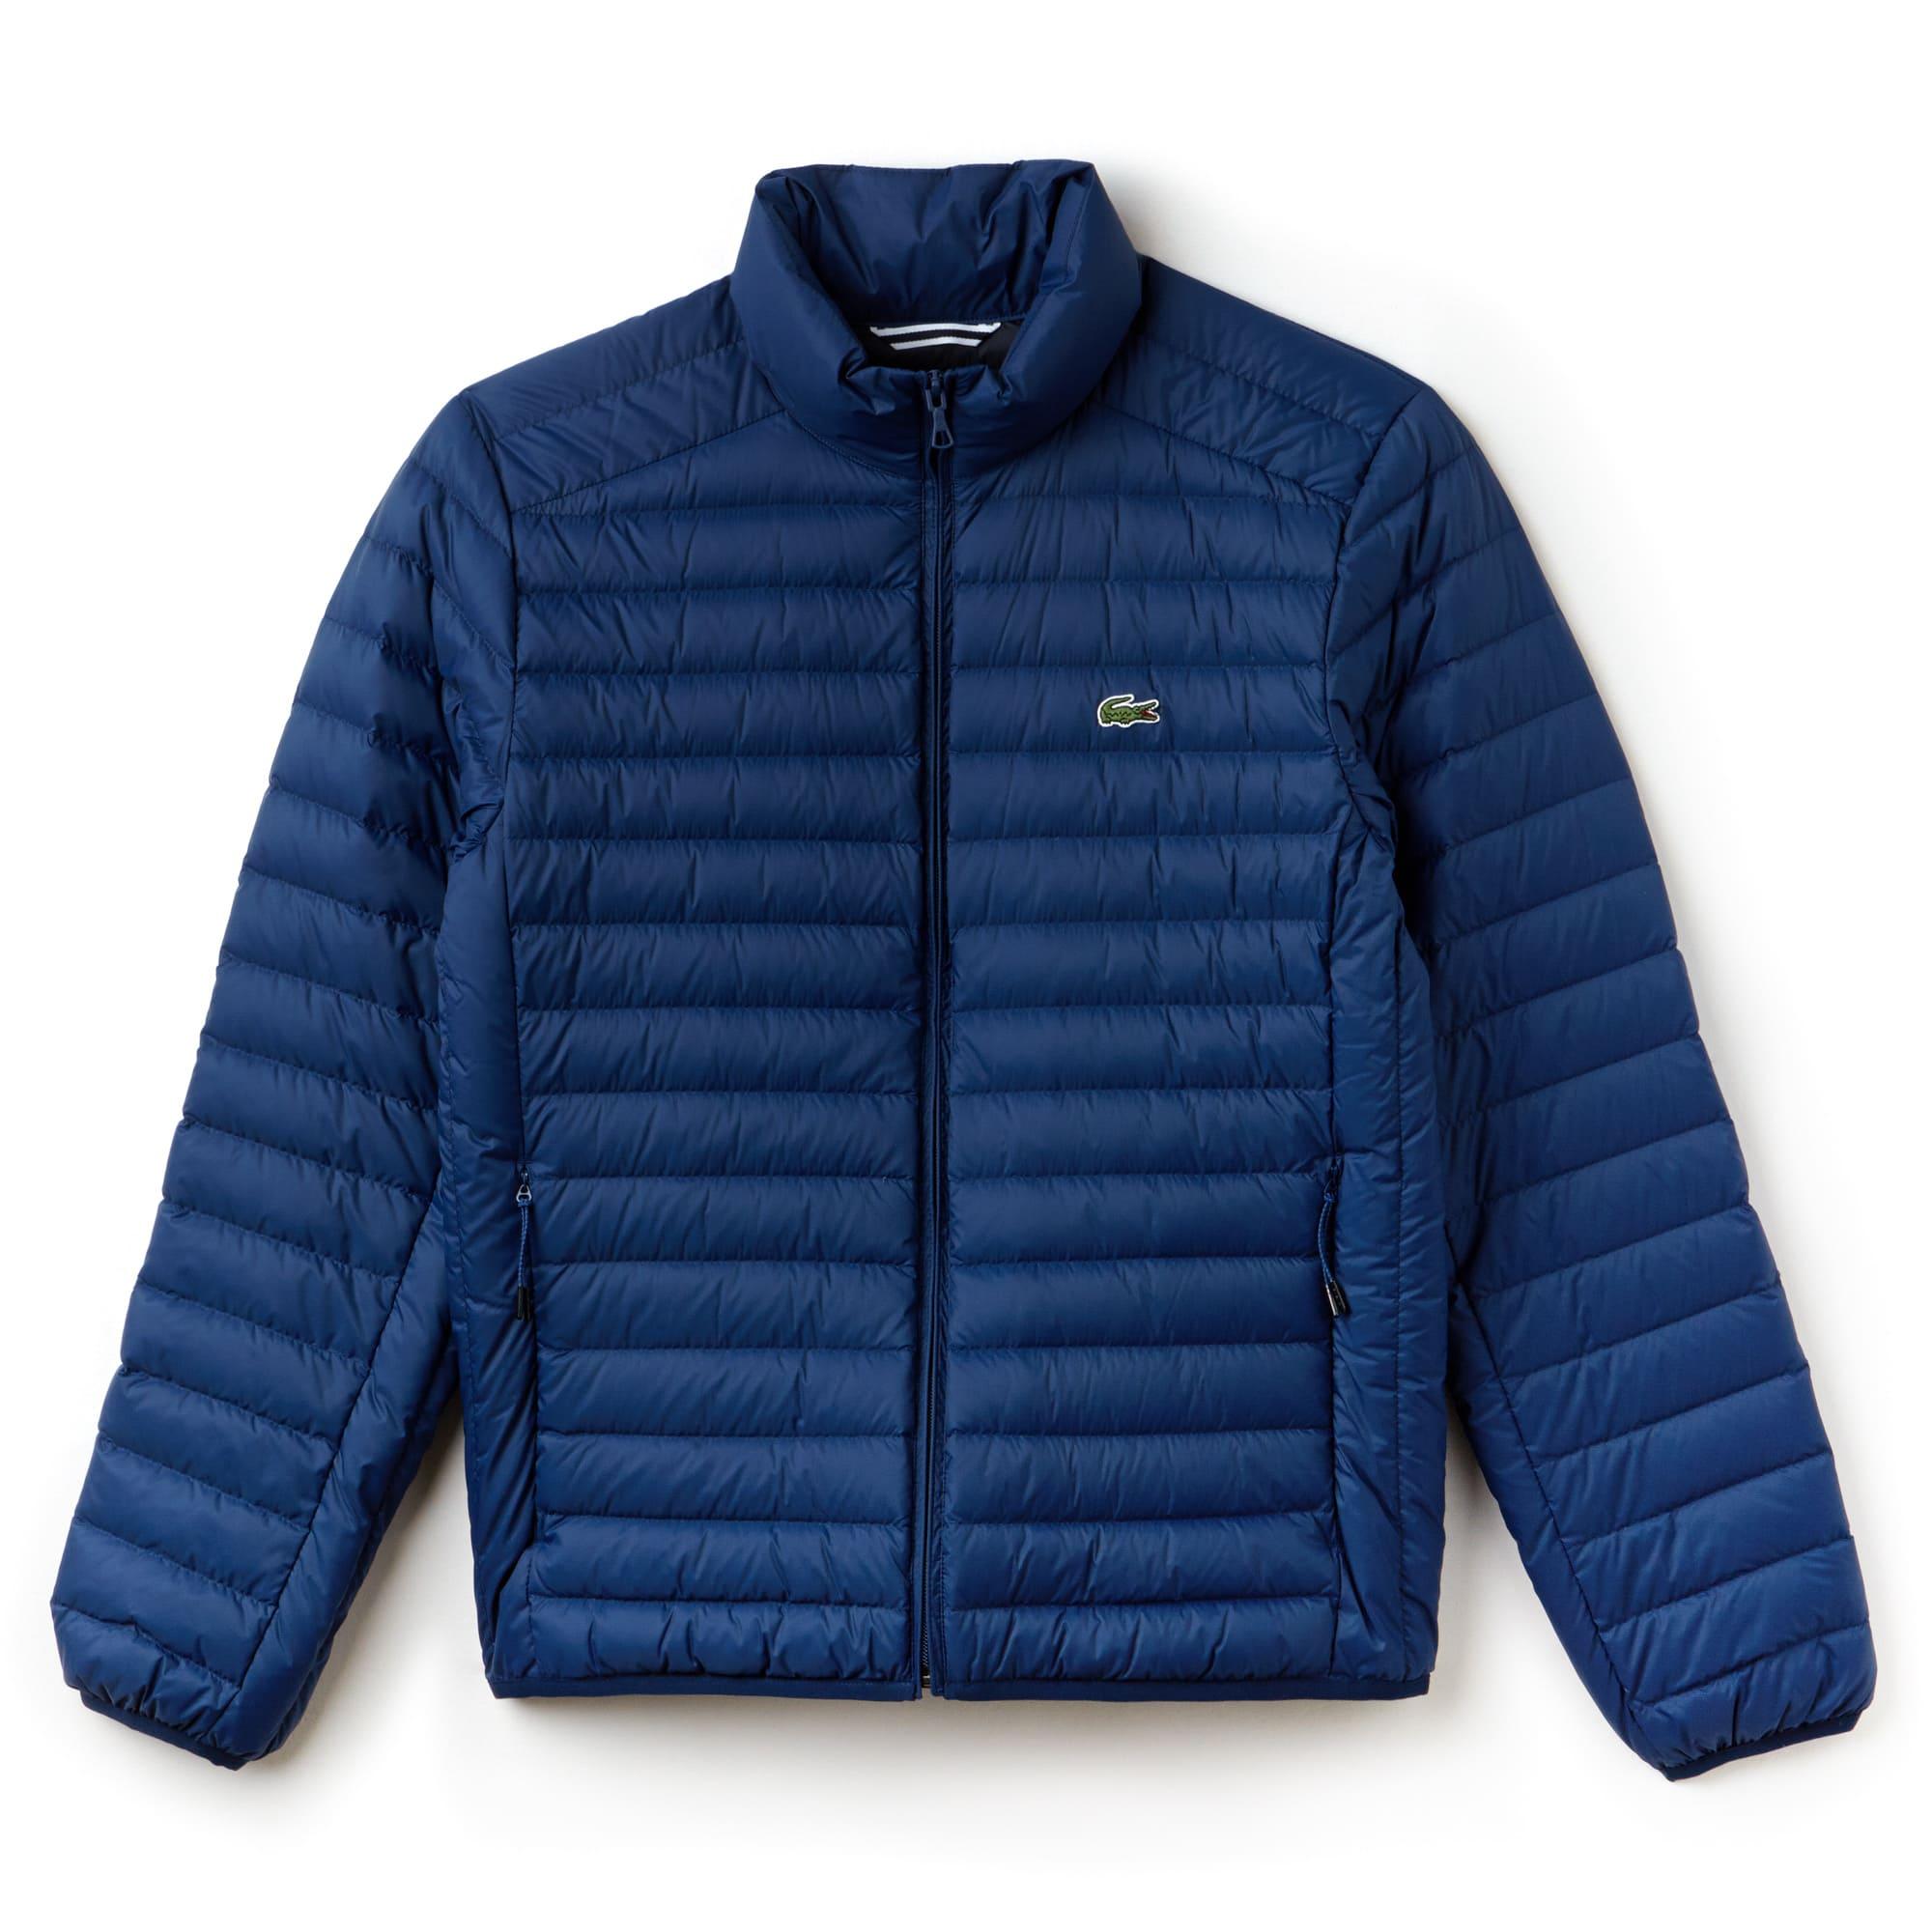 라코스테 초경량 퀼팅 자켓 잉크웰 블루 Lacoste Mens Short Contrast Lining Quilted Jacket, inkwell blue, BH9389-51